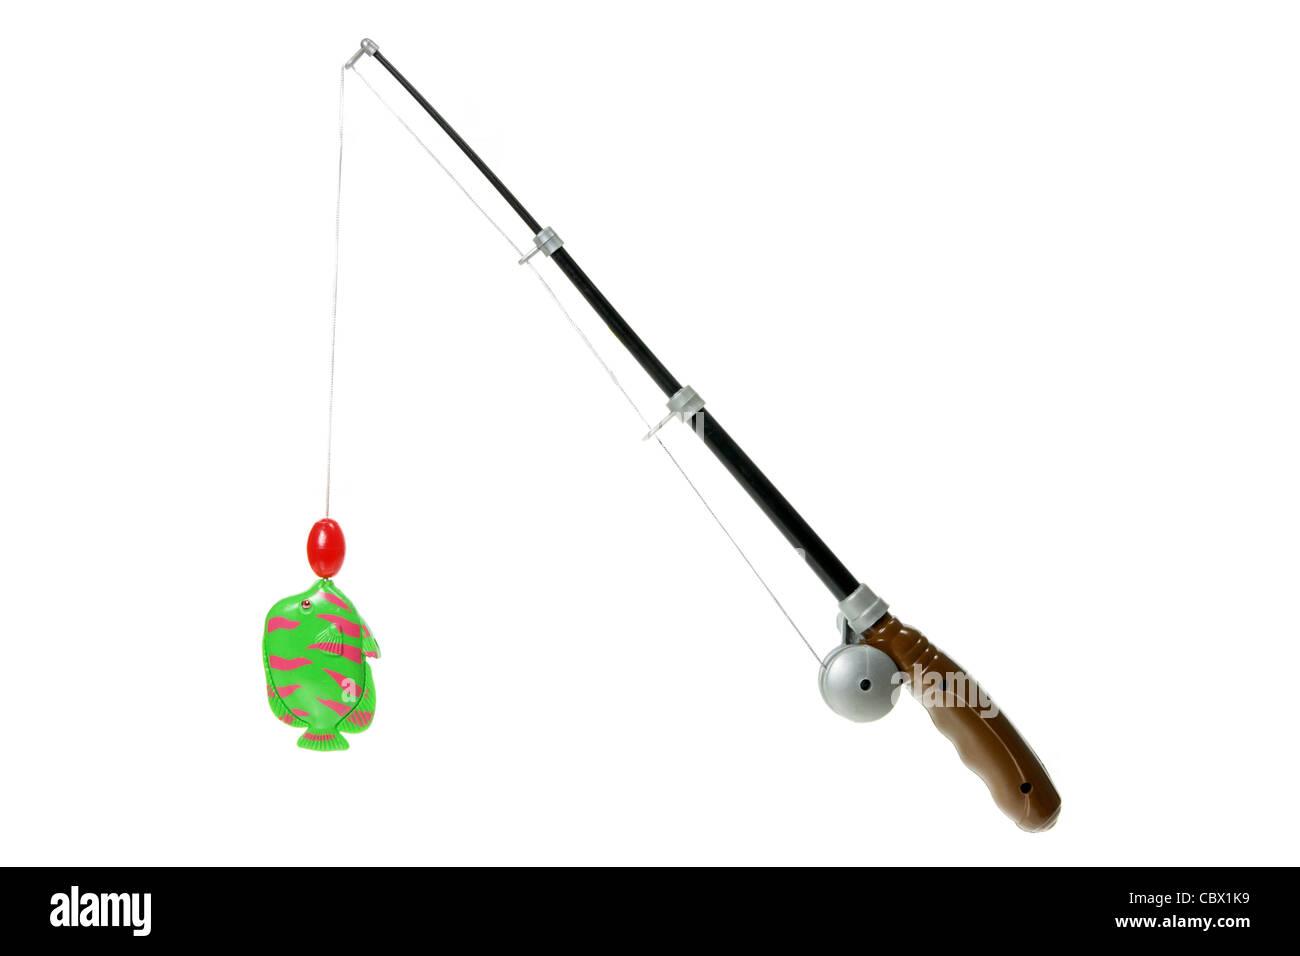 Juego de pesca de juguete Imagen De Stock